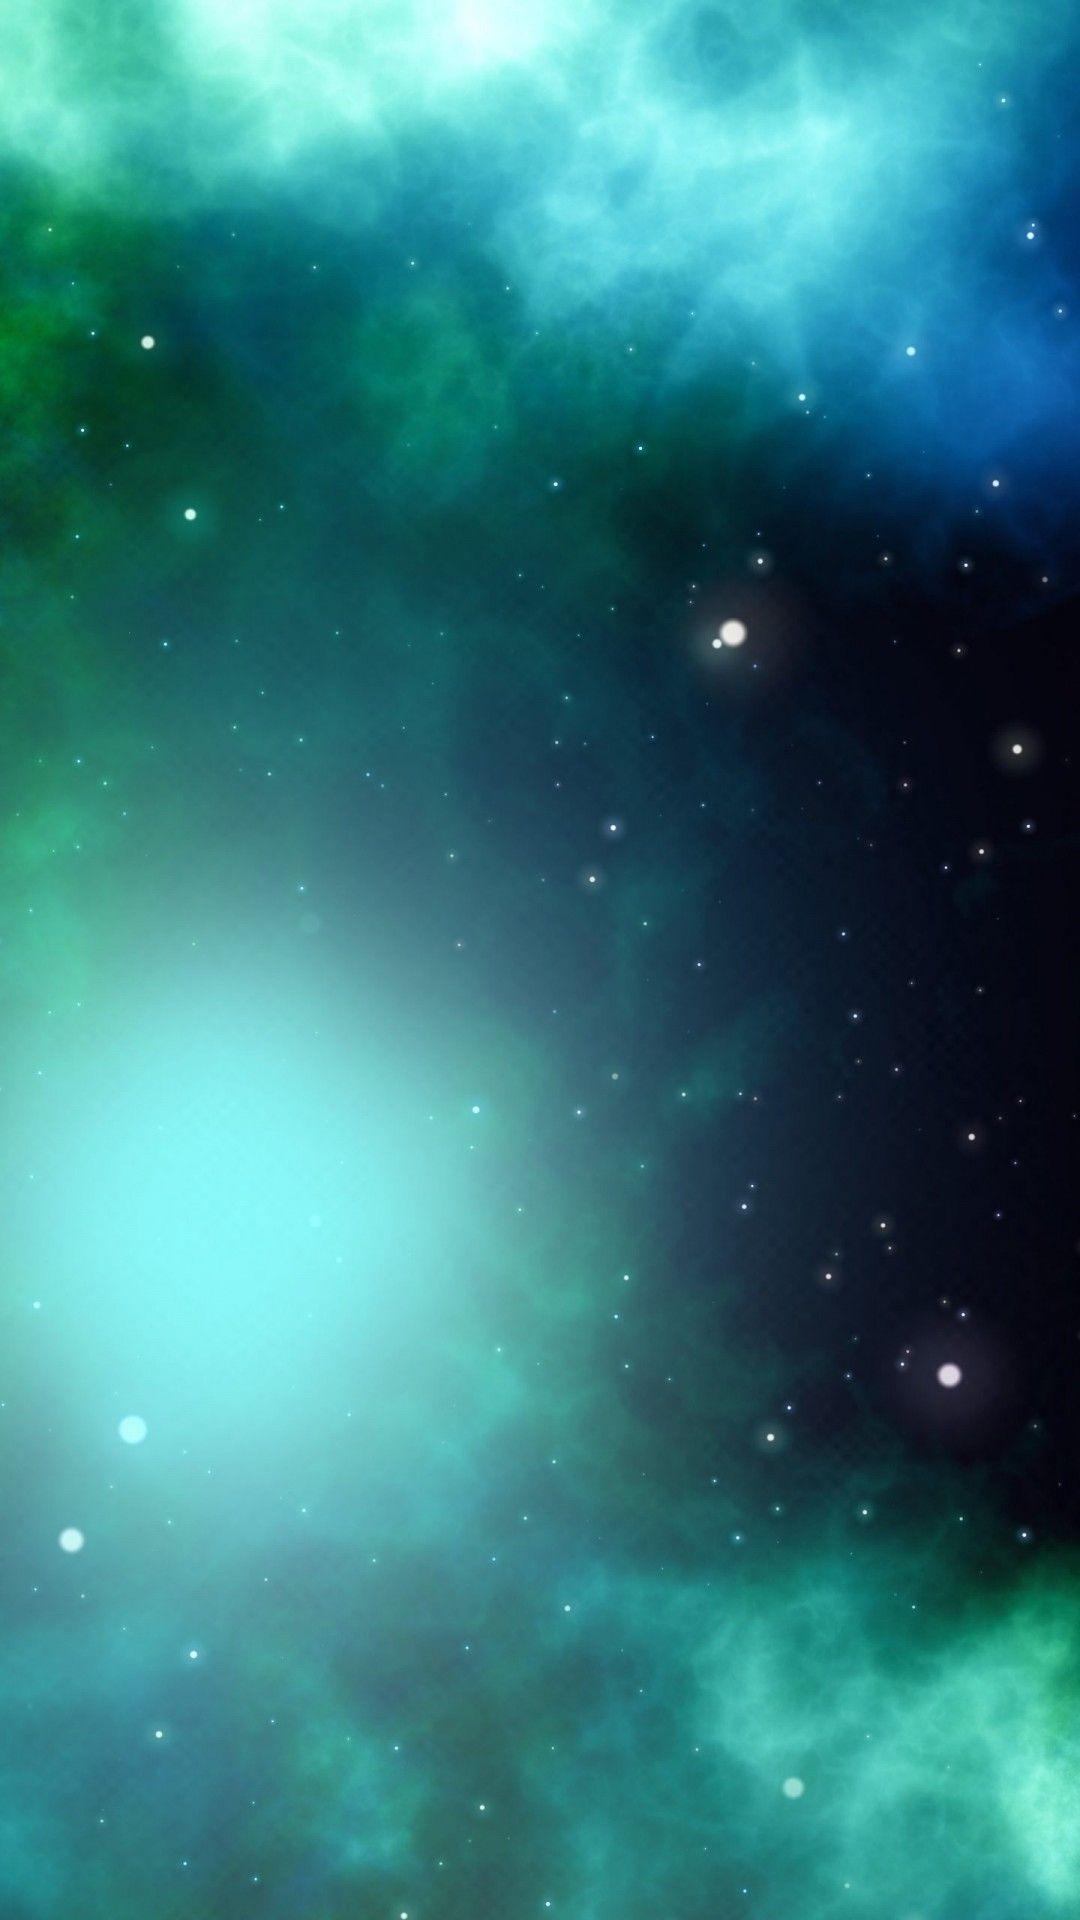 Galaxy Blue Green Wallpaper Ios Green Wallpaper Abstract Wallpaper Wallpaper